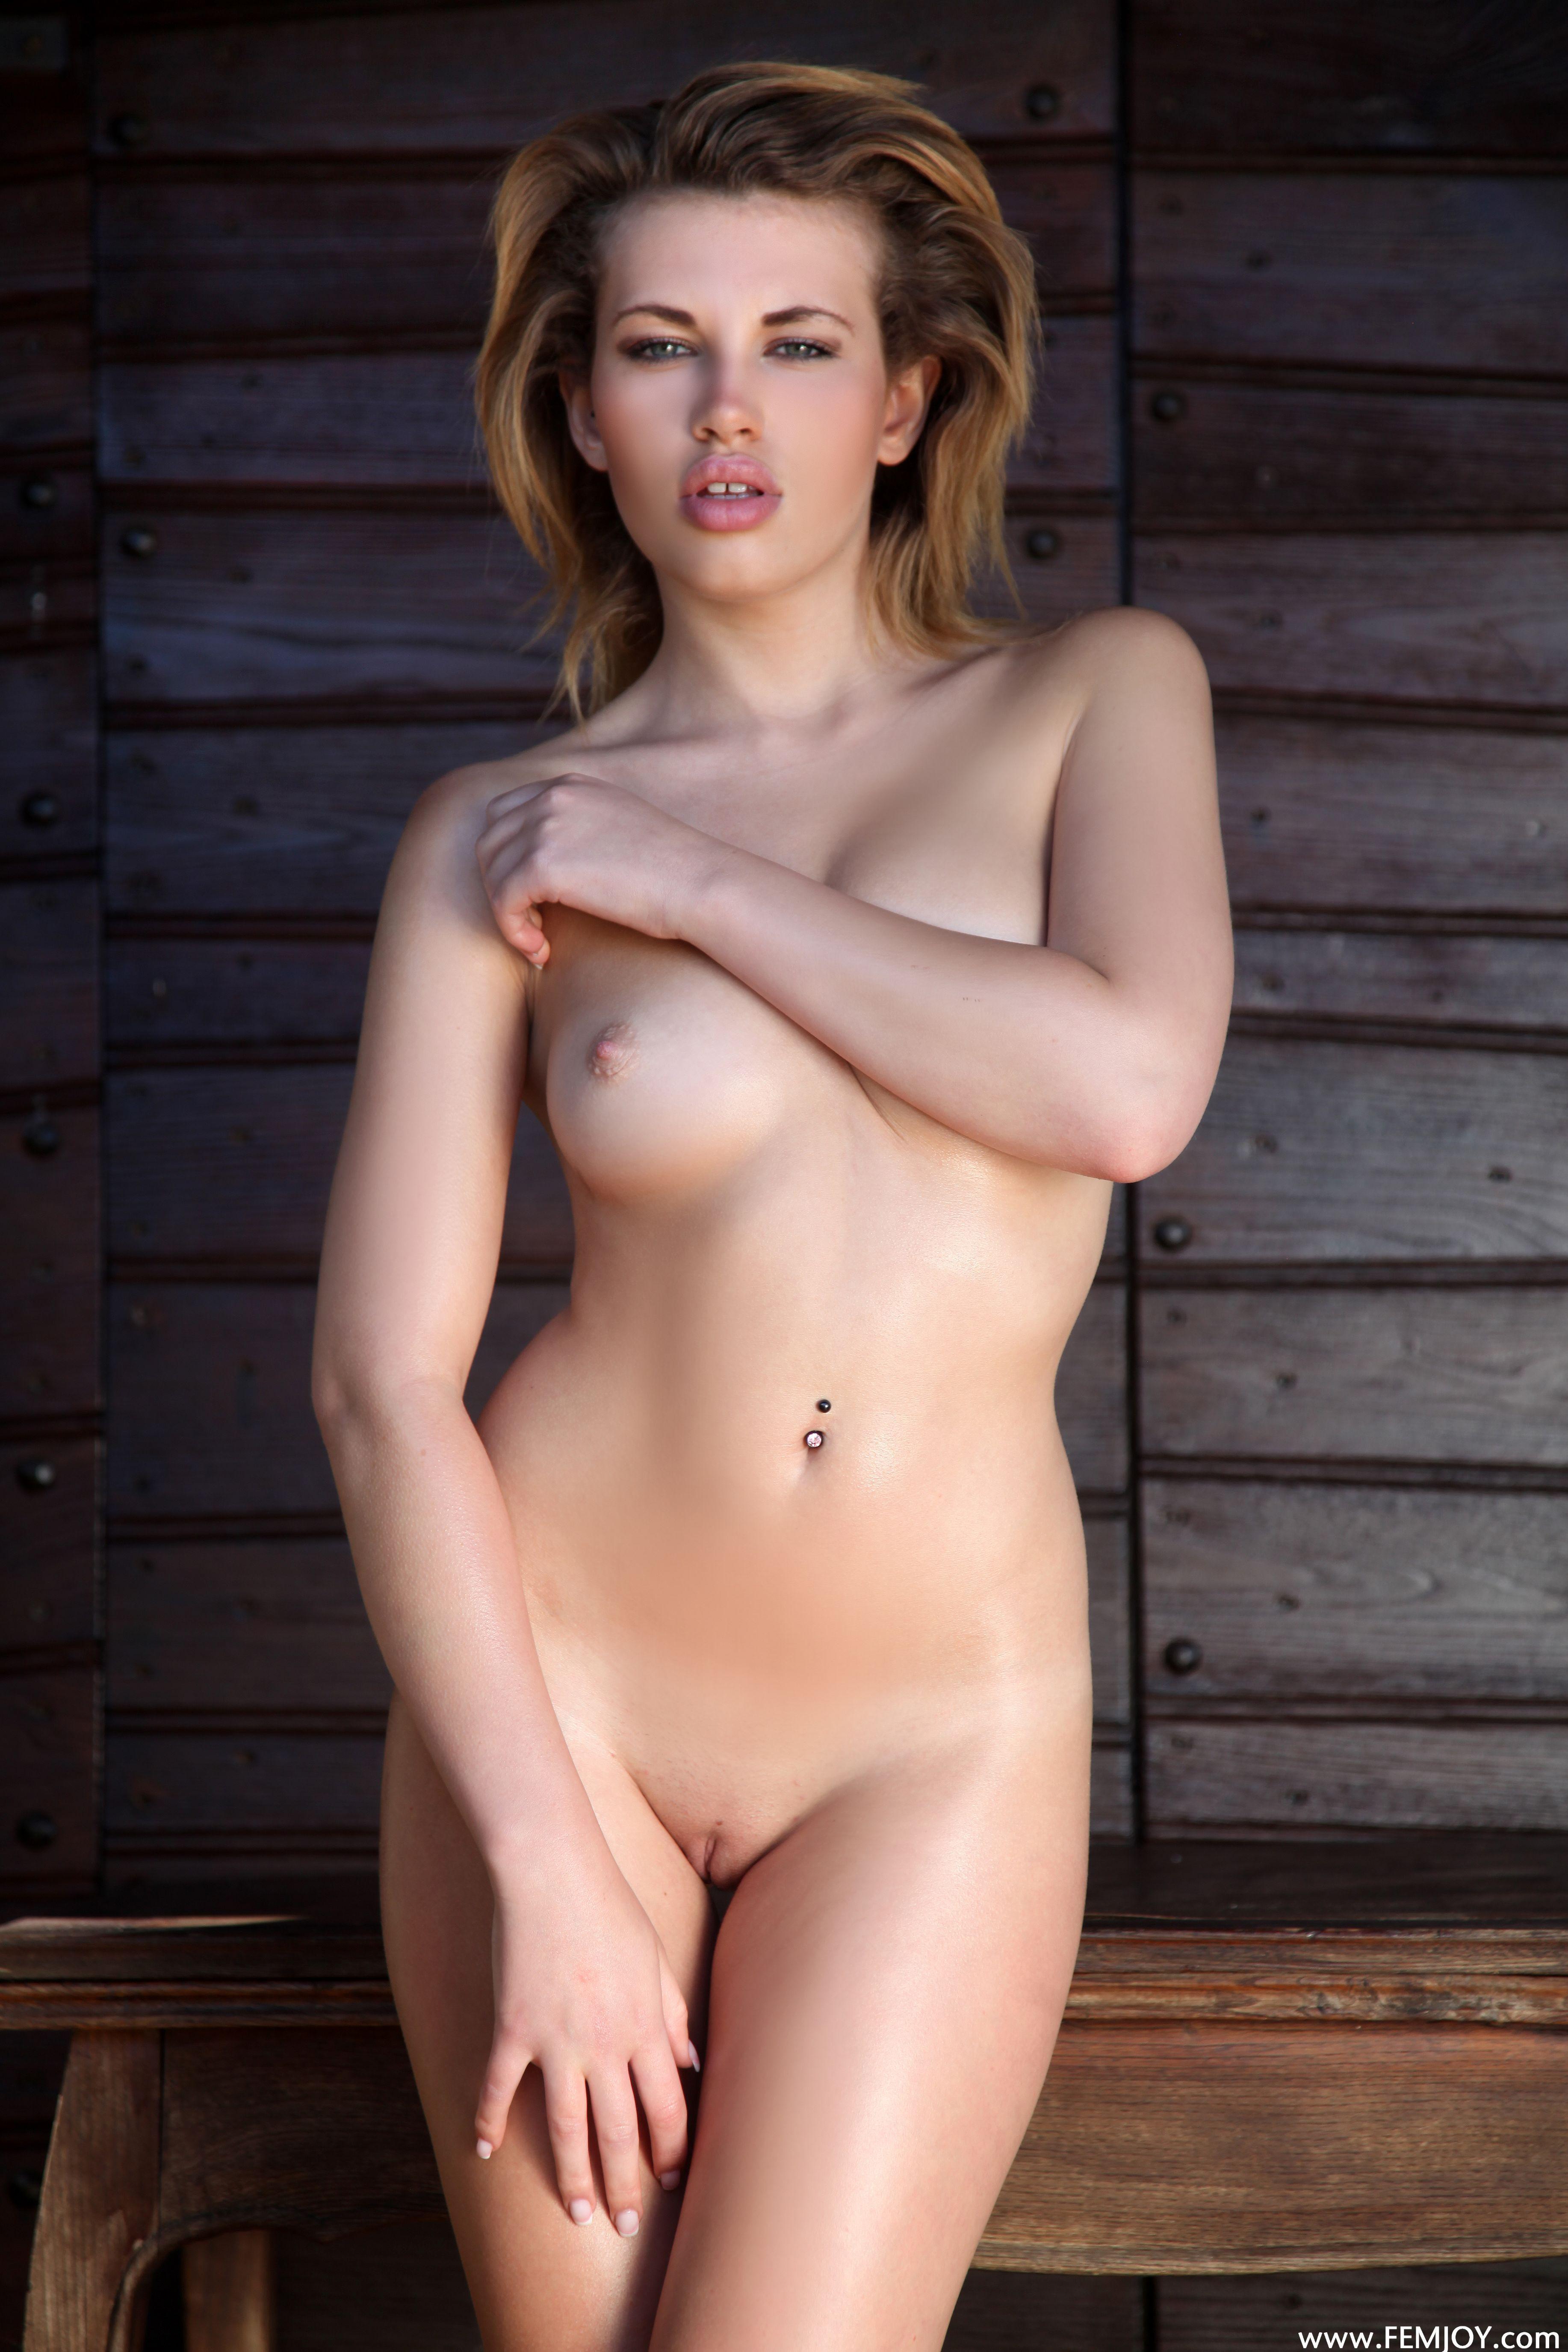 http://i4.imageban.ru/out/2013/11/13/dc6ae9a6cf67f4d65a0bc75b6d72bb84.jpg